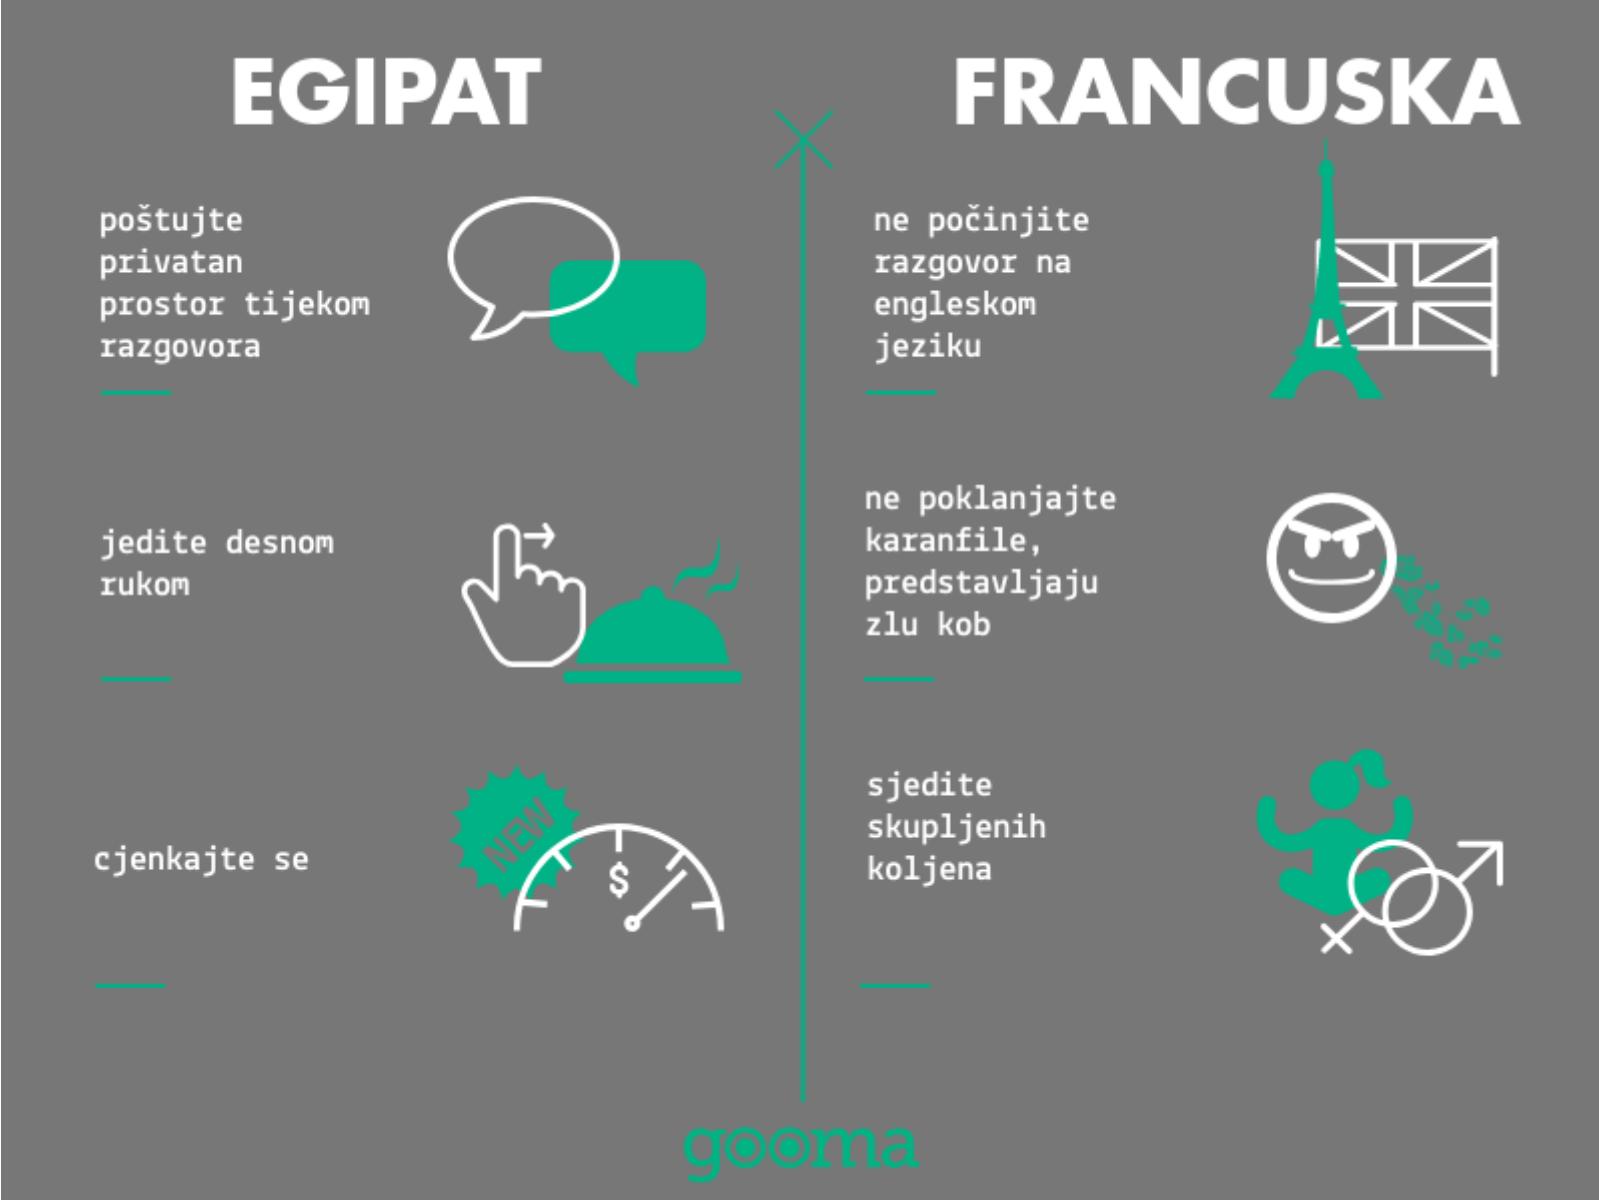 Kako biti pristojan - Egipat i Francuska